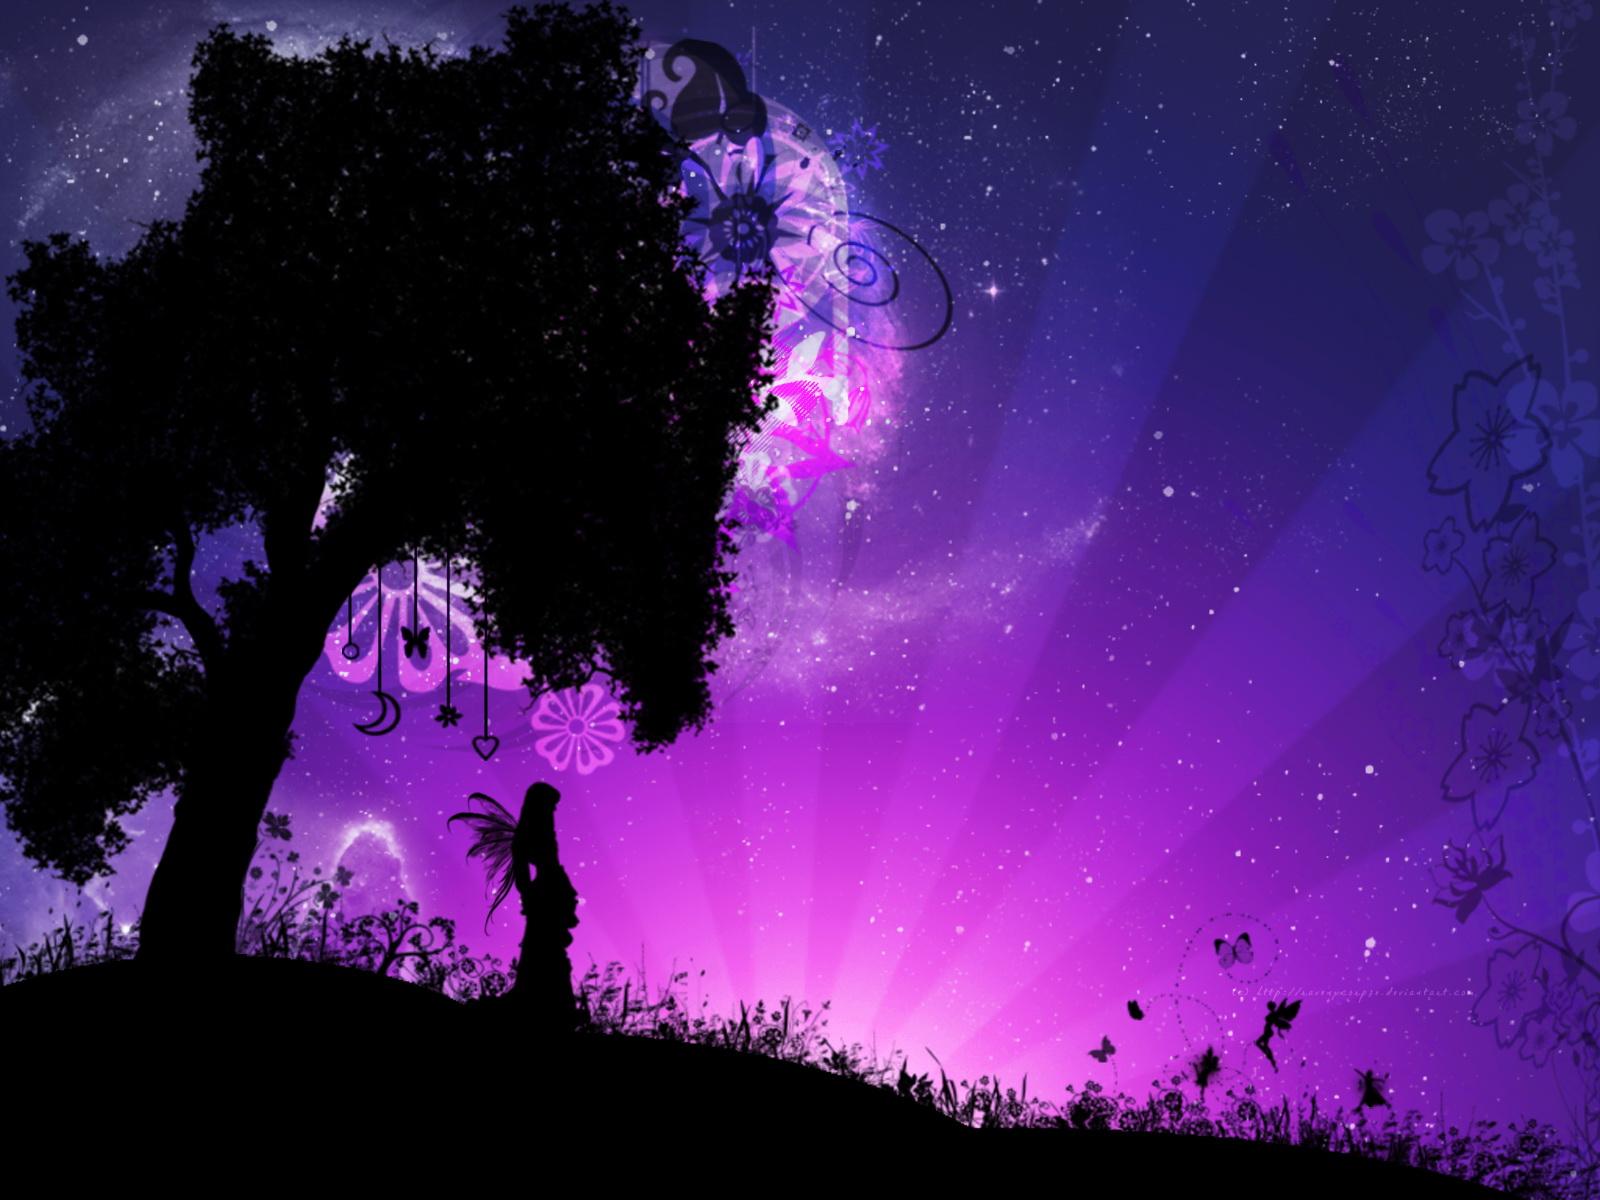 http://1.bp.blogspot.com/_bSB353YdZu8/TAo05c4ItRI/AAAAAAAAAHA/Y3N0nlTPgsk/s1600/Lonly-fairy.jpg